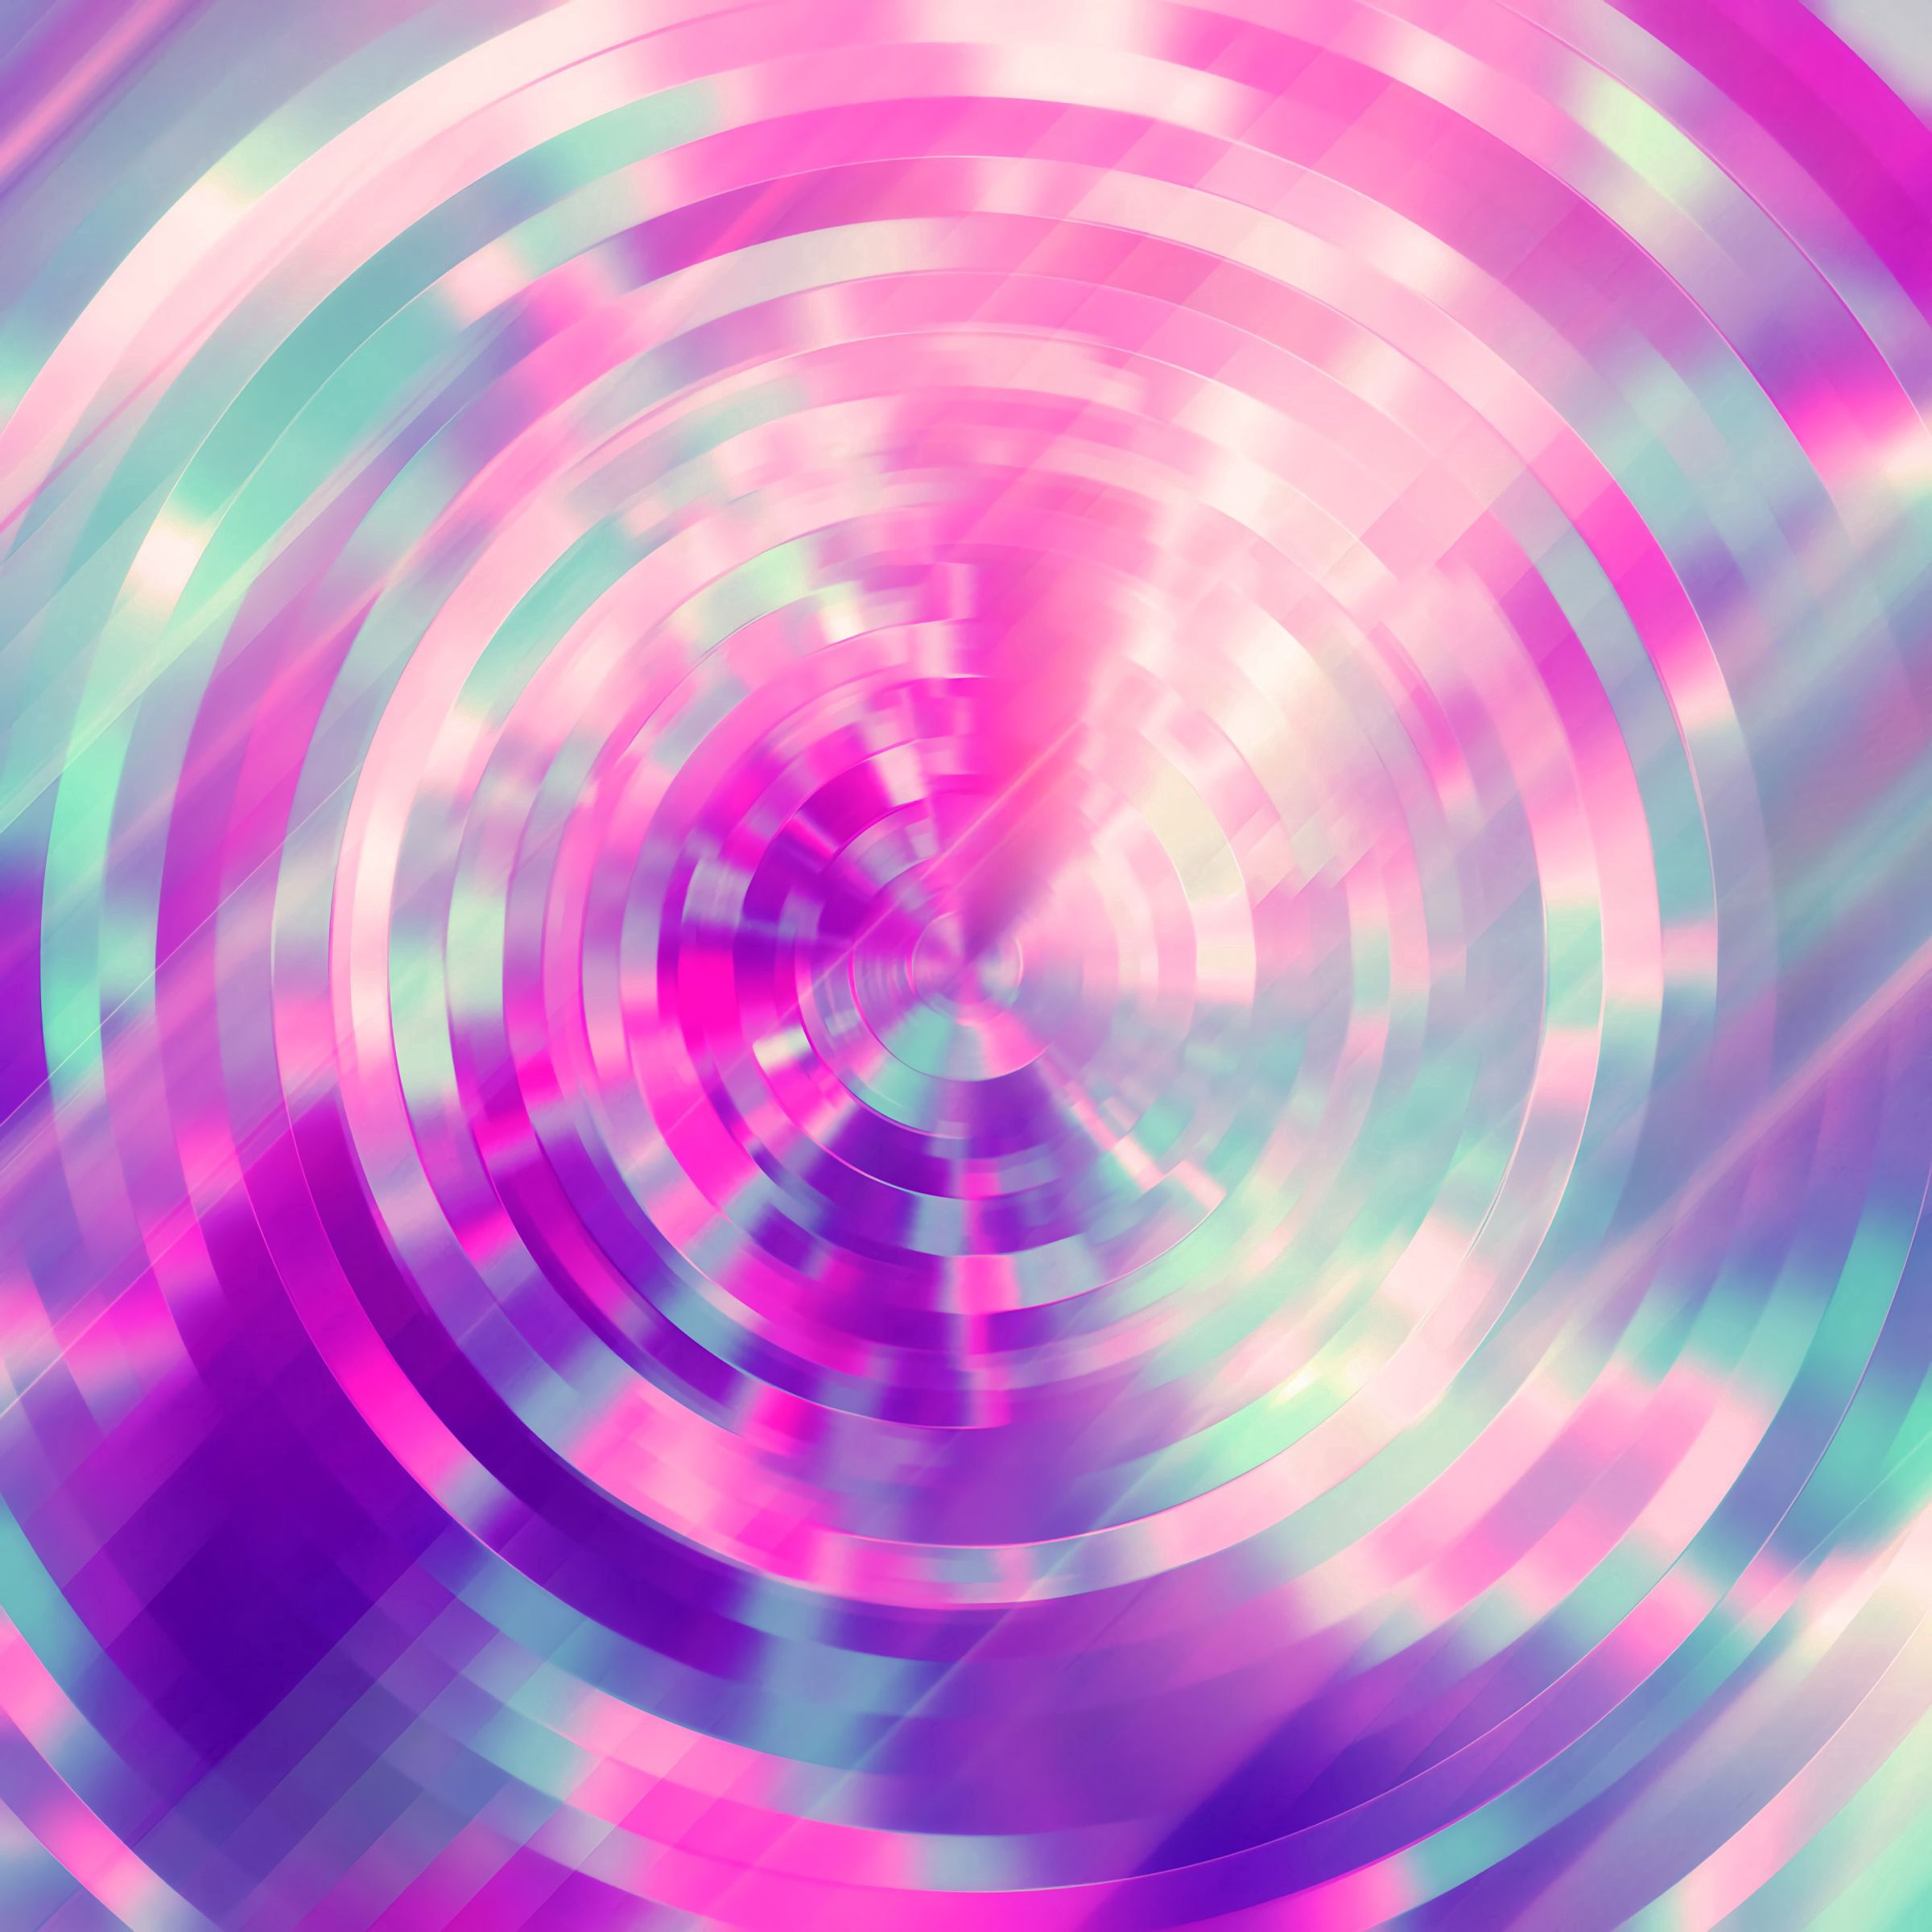 115085 免費下載壁紙 抽象, 界, 圆圈, 多彩多姿, 五颜六色, 涟漪, 波纹, 虹彩, 溢出, 明亮的, 明亮 屏保和圖片